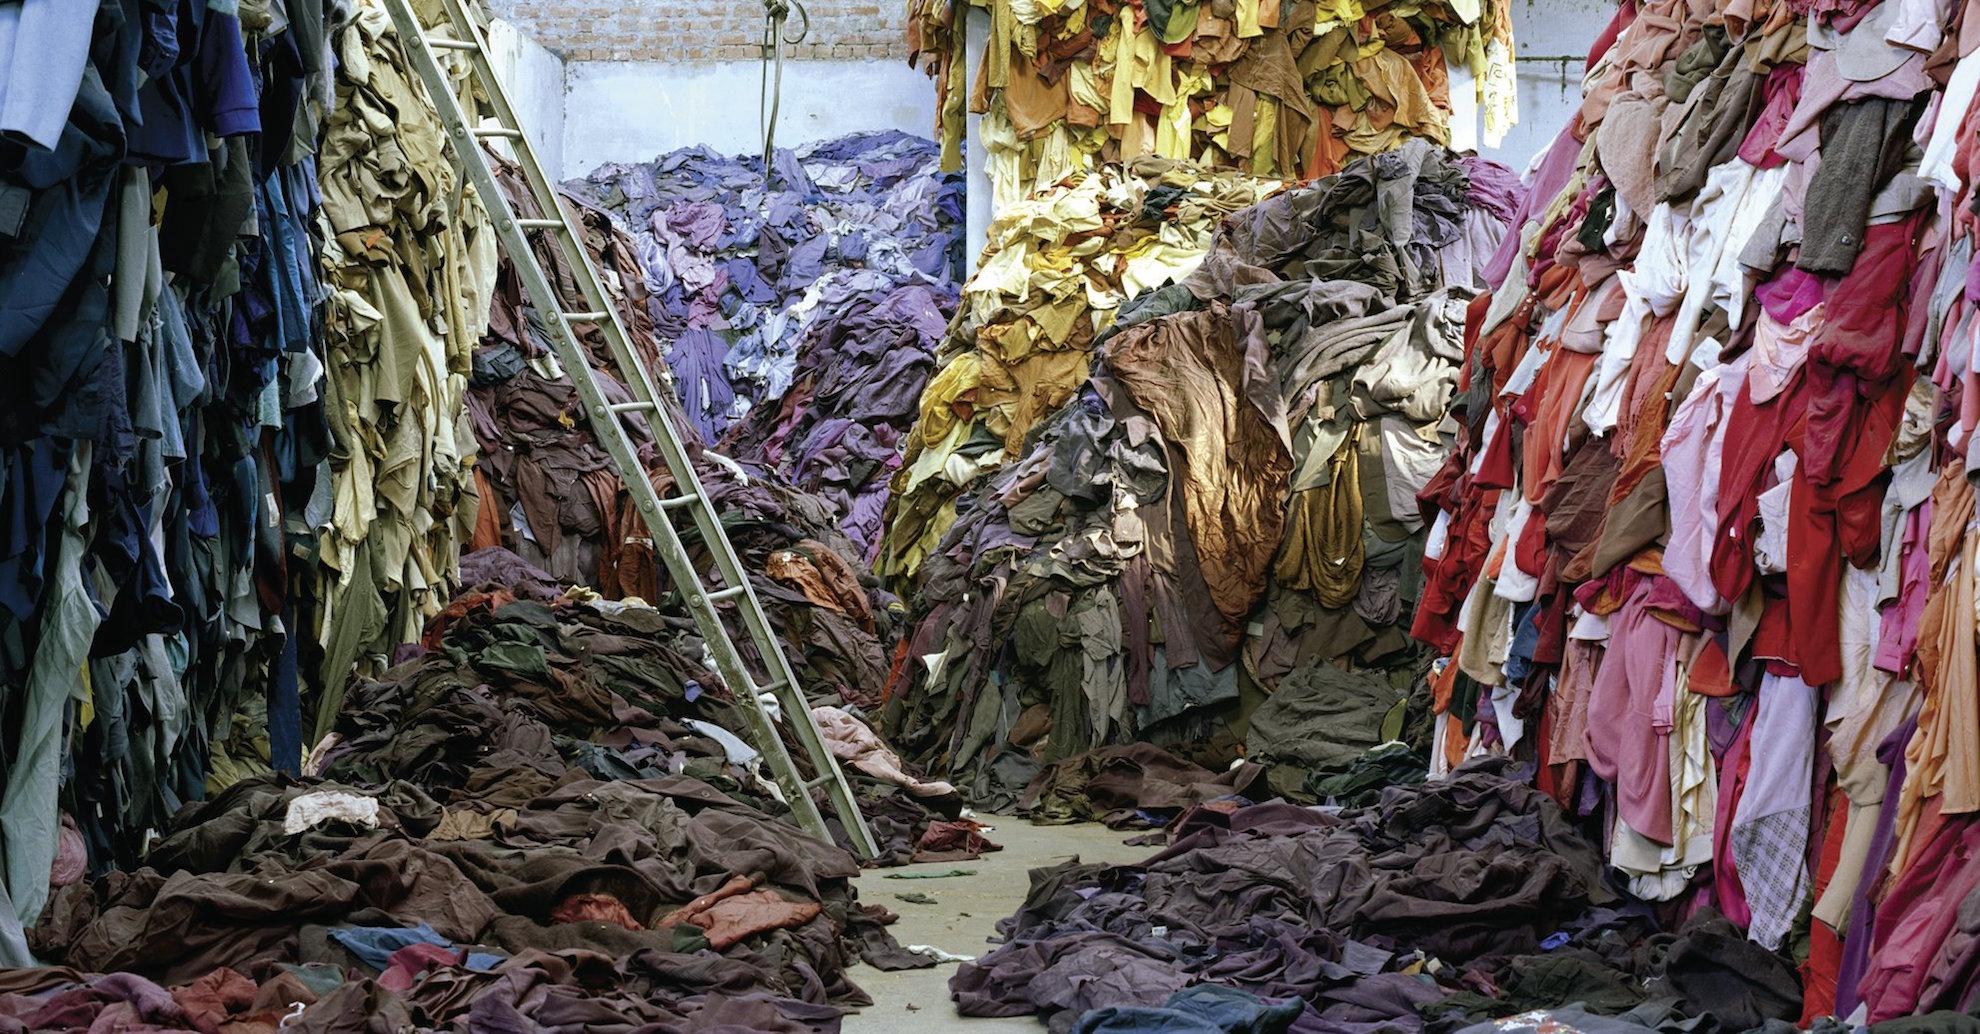 Descartes da industria têxtil na Índia que serão reciclados. Foto:Tim Mitchell